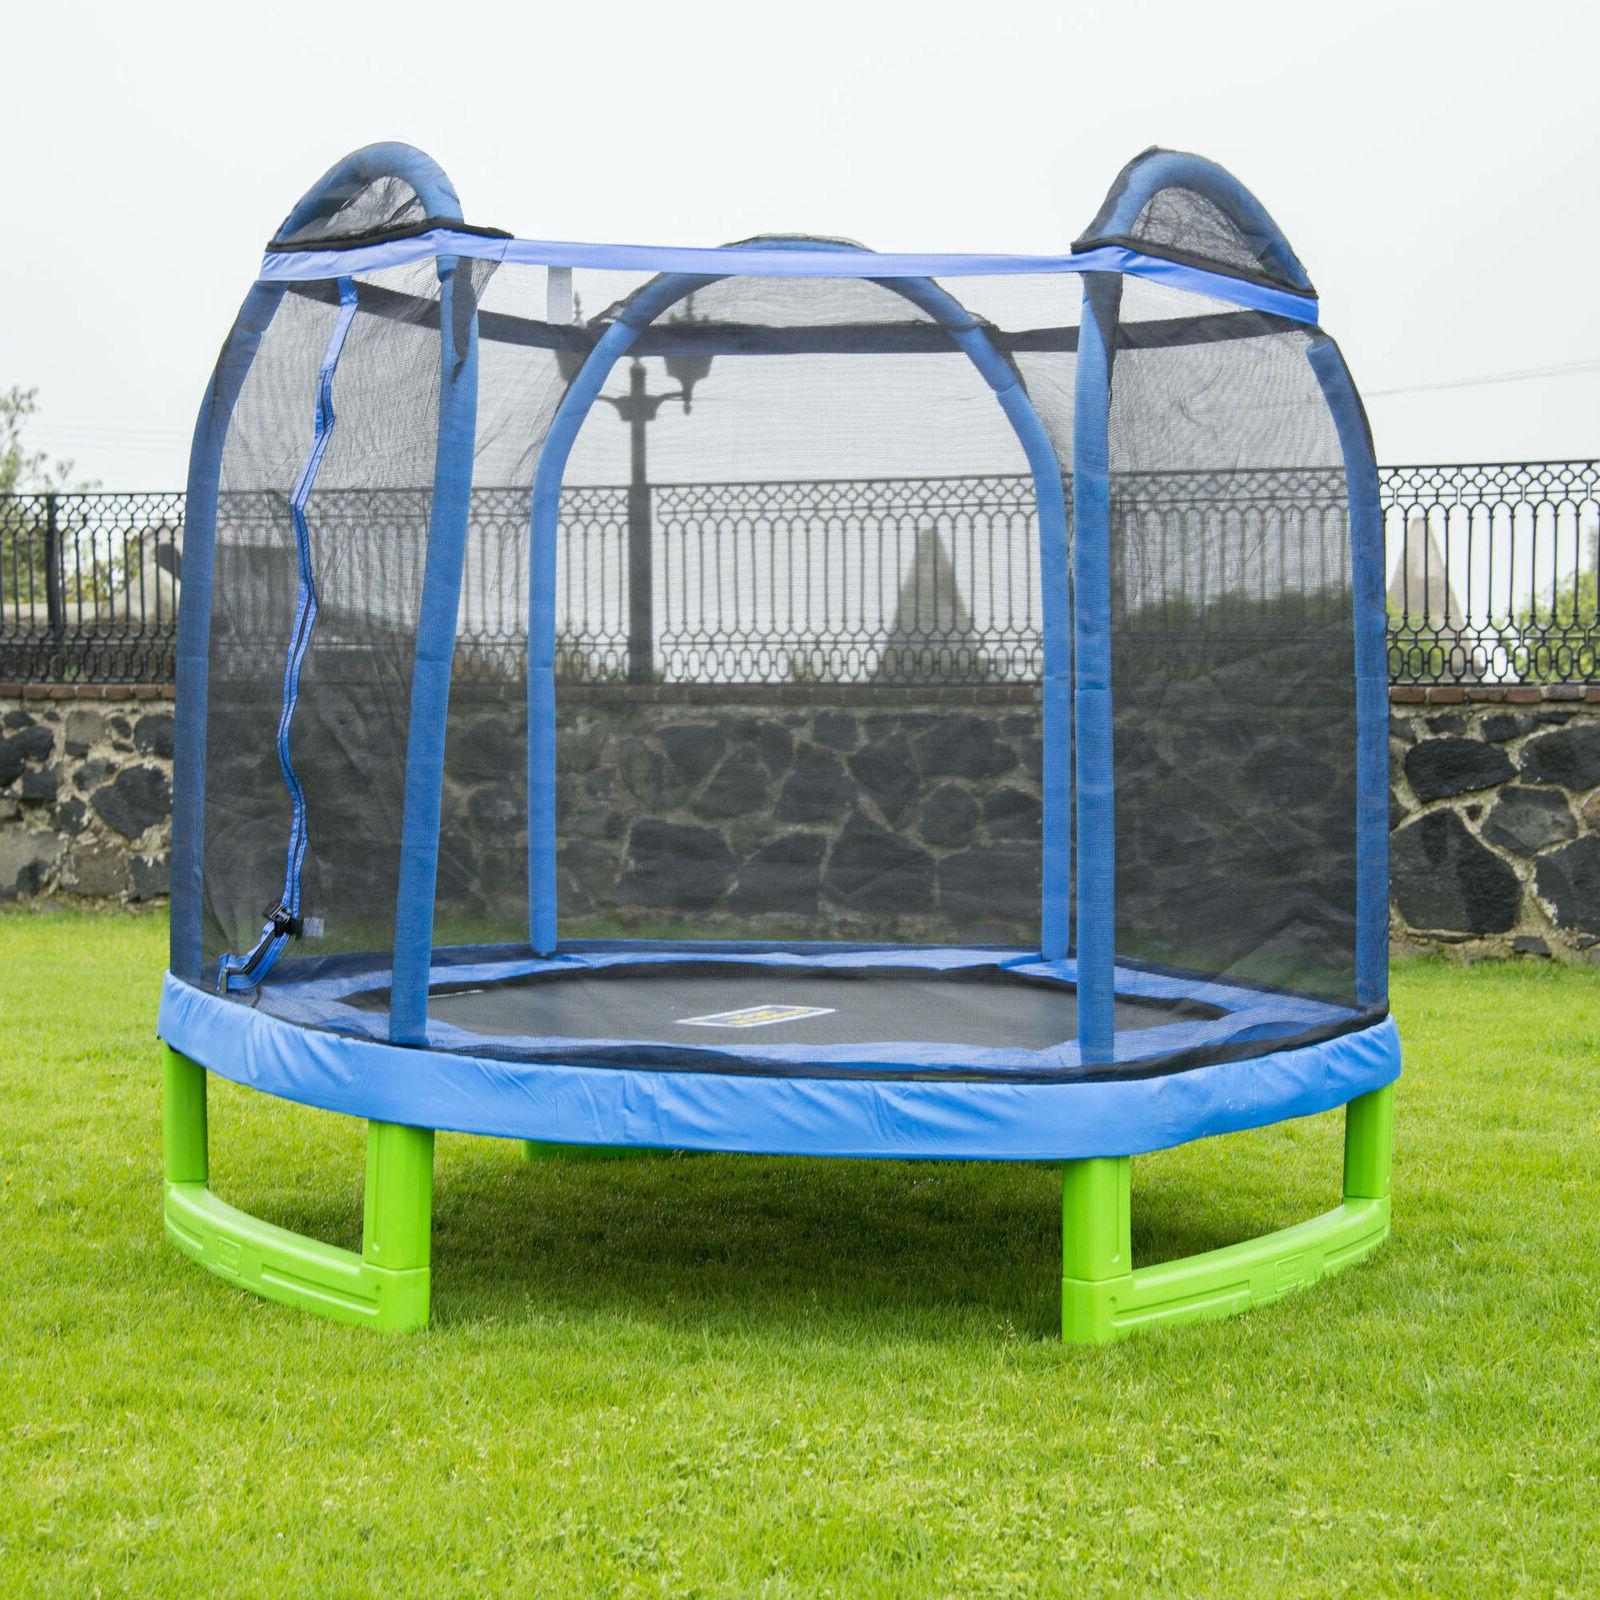 Bounce My First Hexagon Kids, Blue/Green